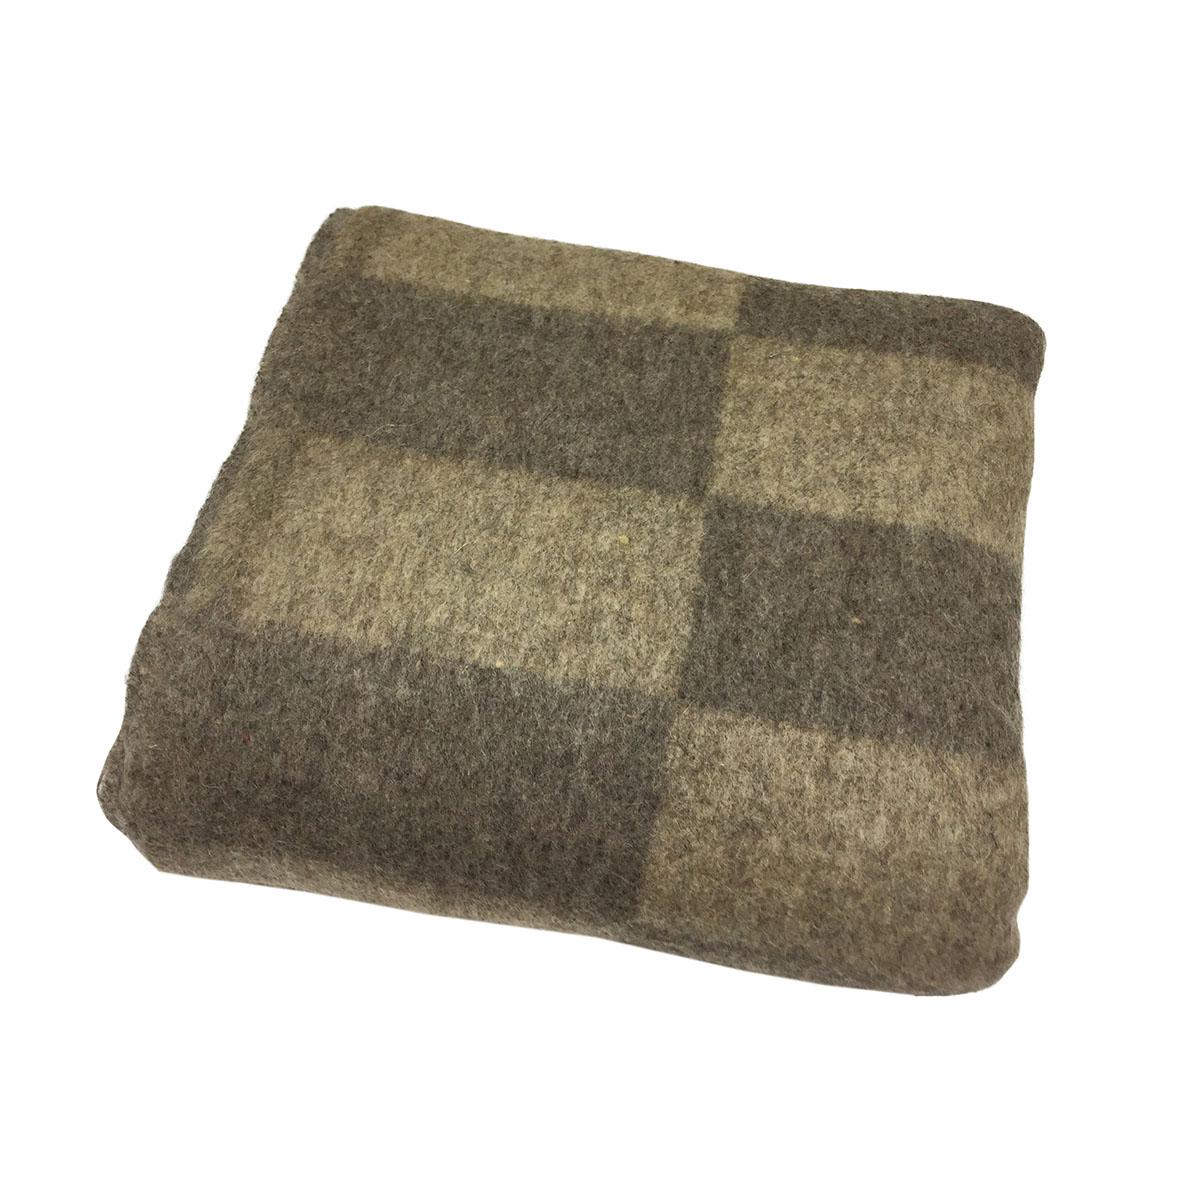 Одеяло полушерстяное 1,5-спальное. Плотность 700 г/м2 (Крупная клетка, бежево-коричневый)